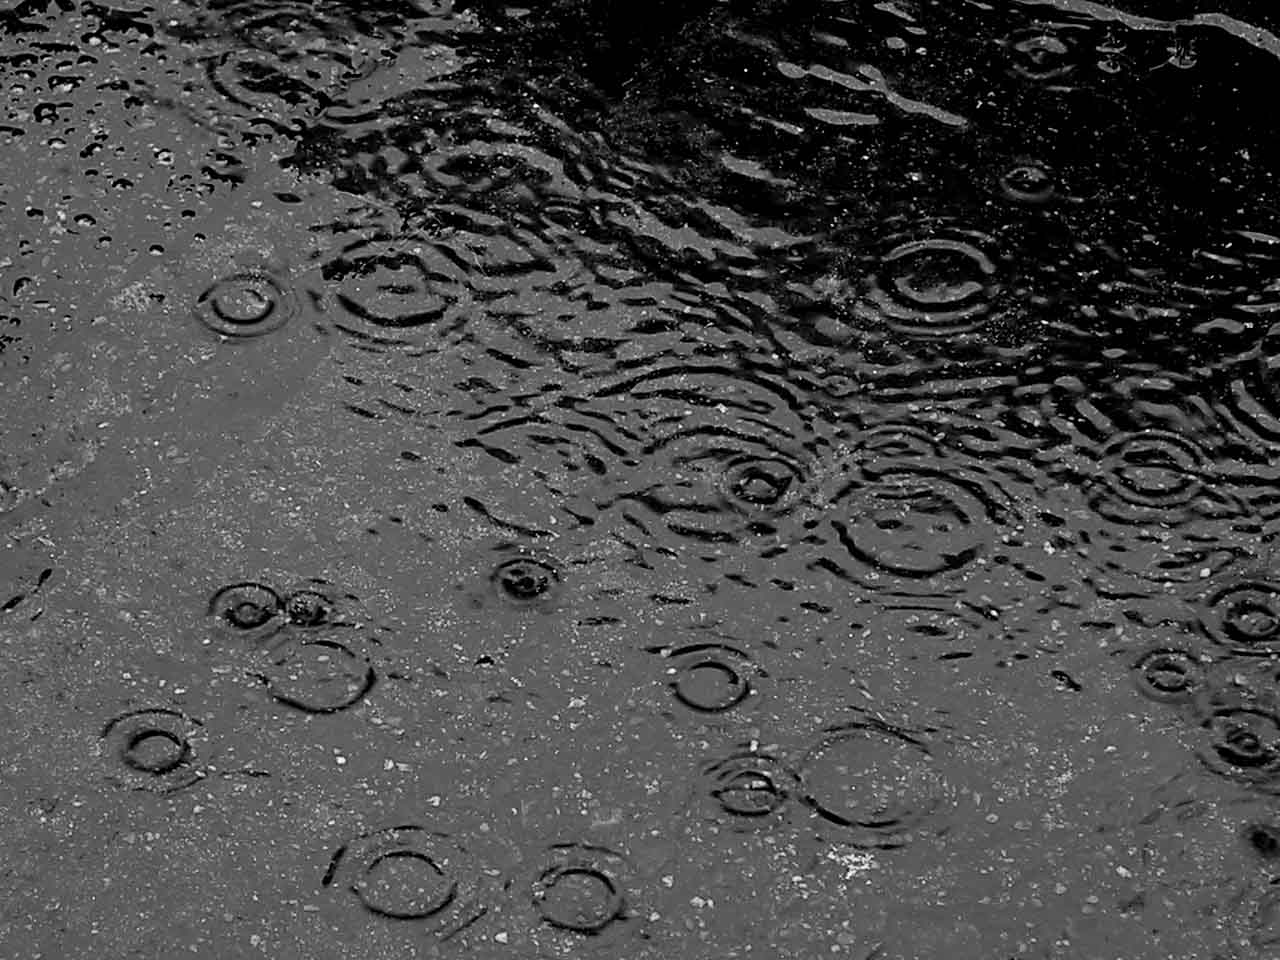 Previsioni Meteo : peggioramento rapido in arrivo